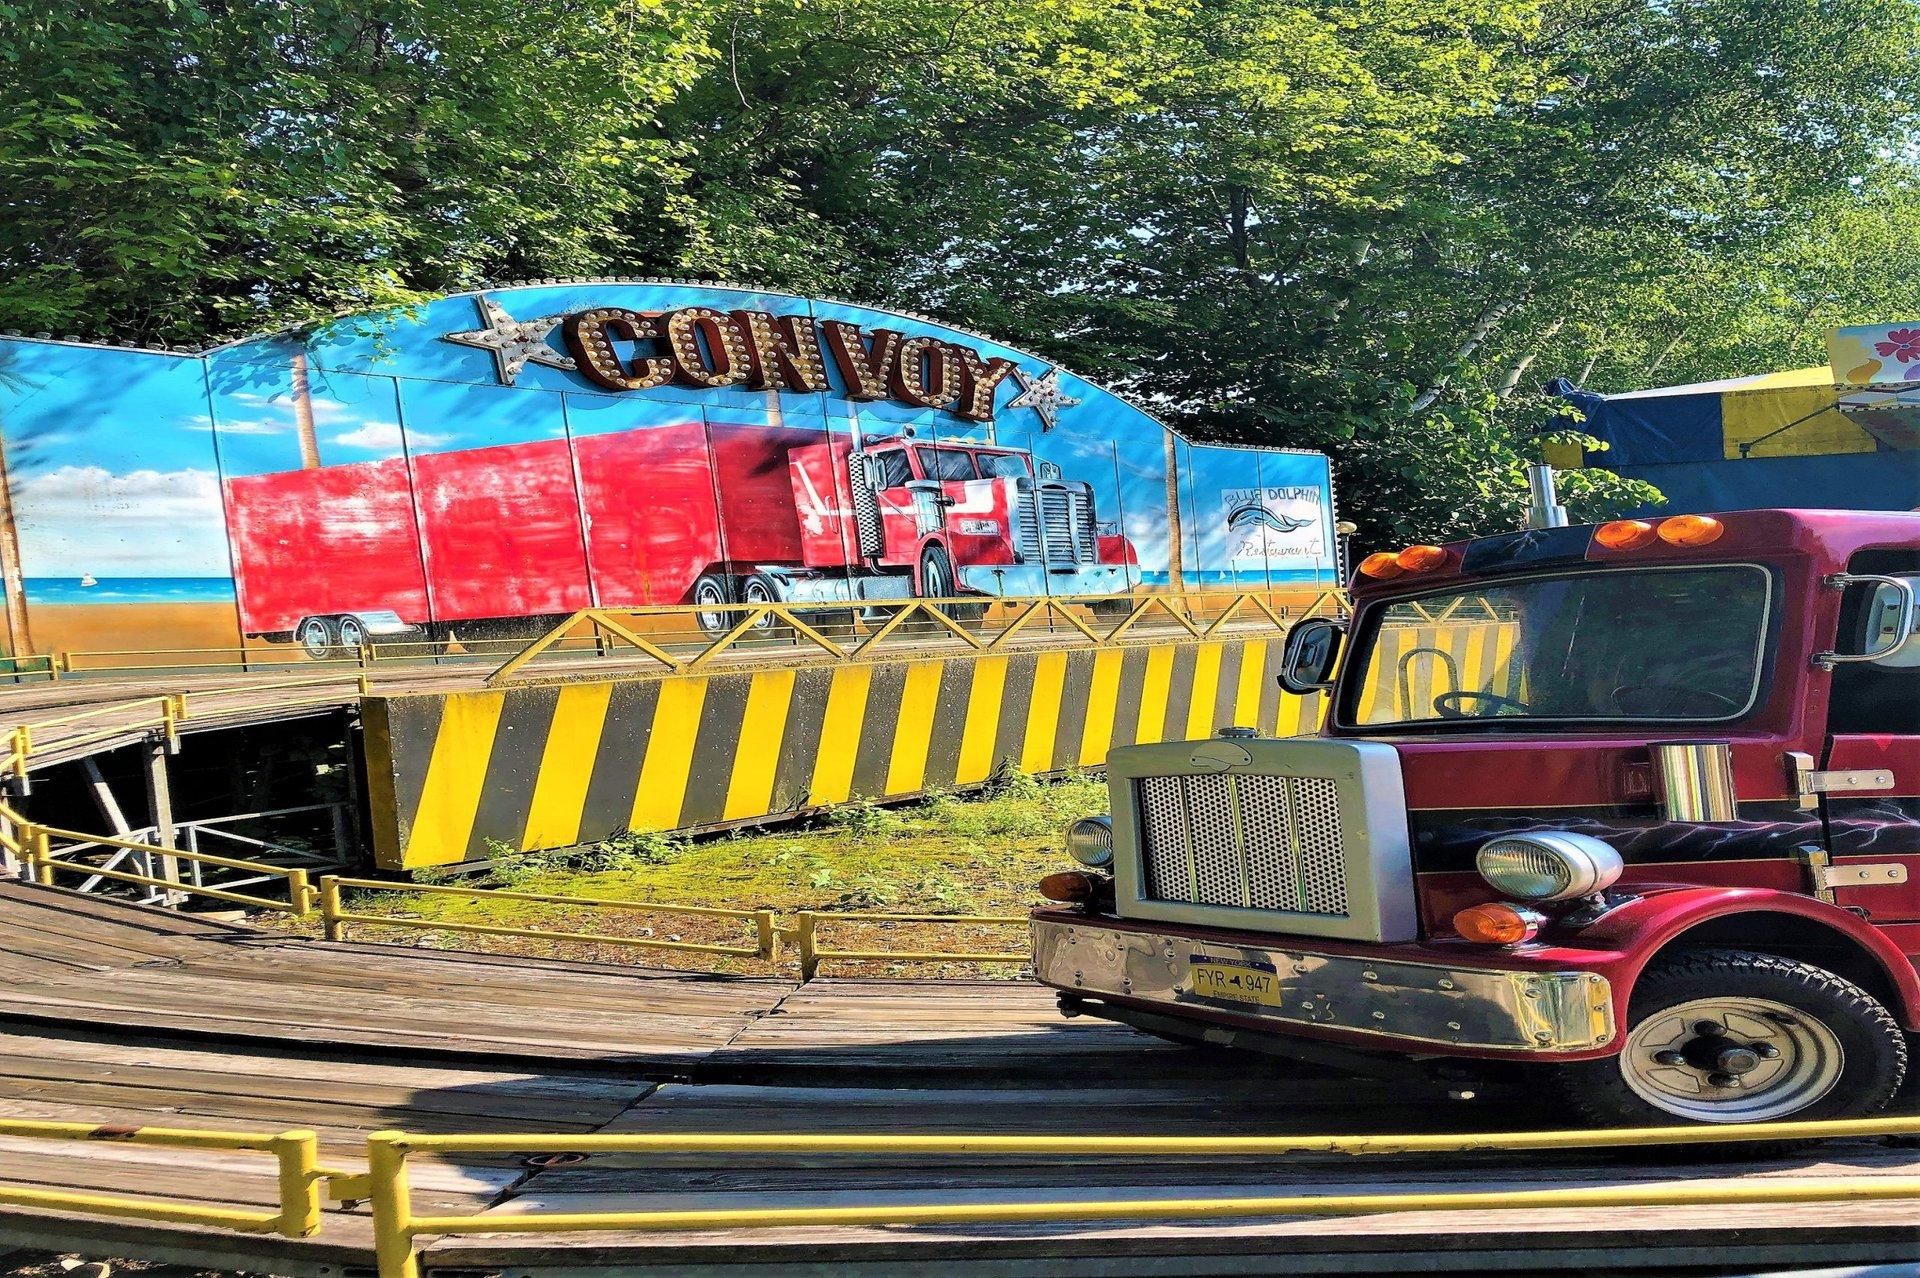 Convoy big rig ride at Six Flags